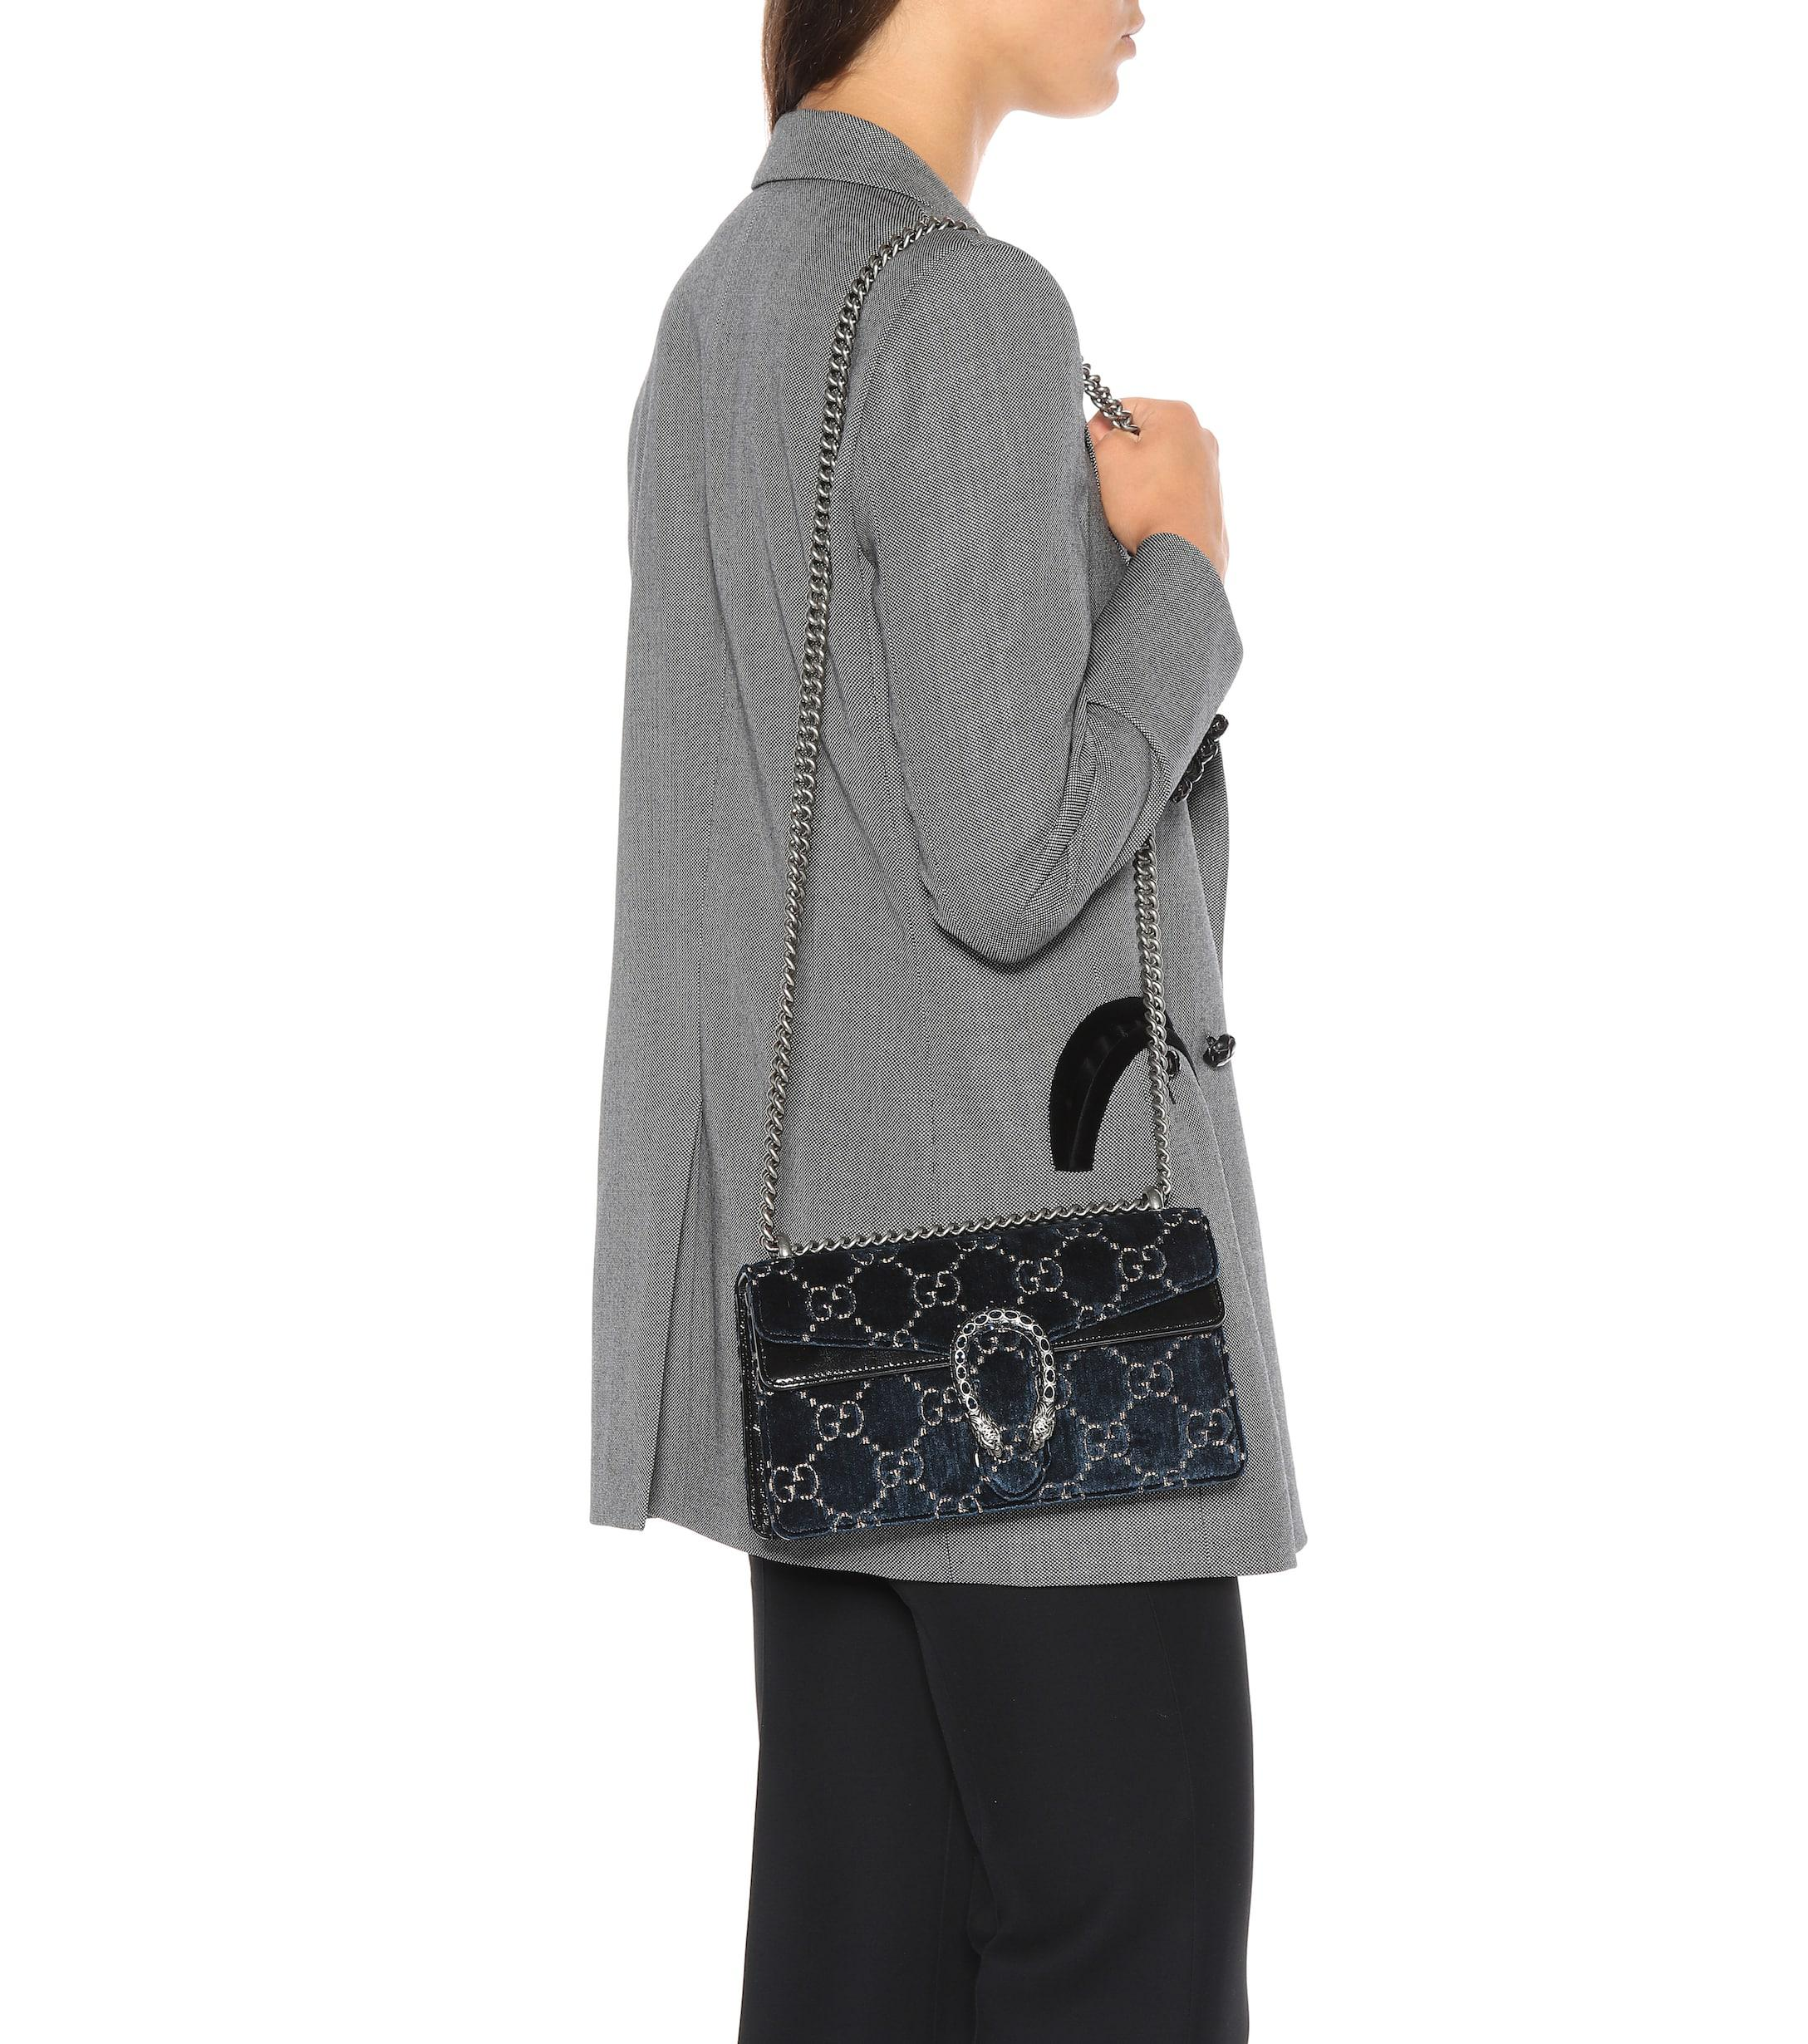 d575b5394c5d Gucci - Multicolor Dionysus GG Small Velvet Shoulder Bag - Lyst. View  fullscreen